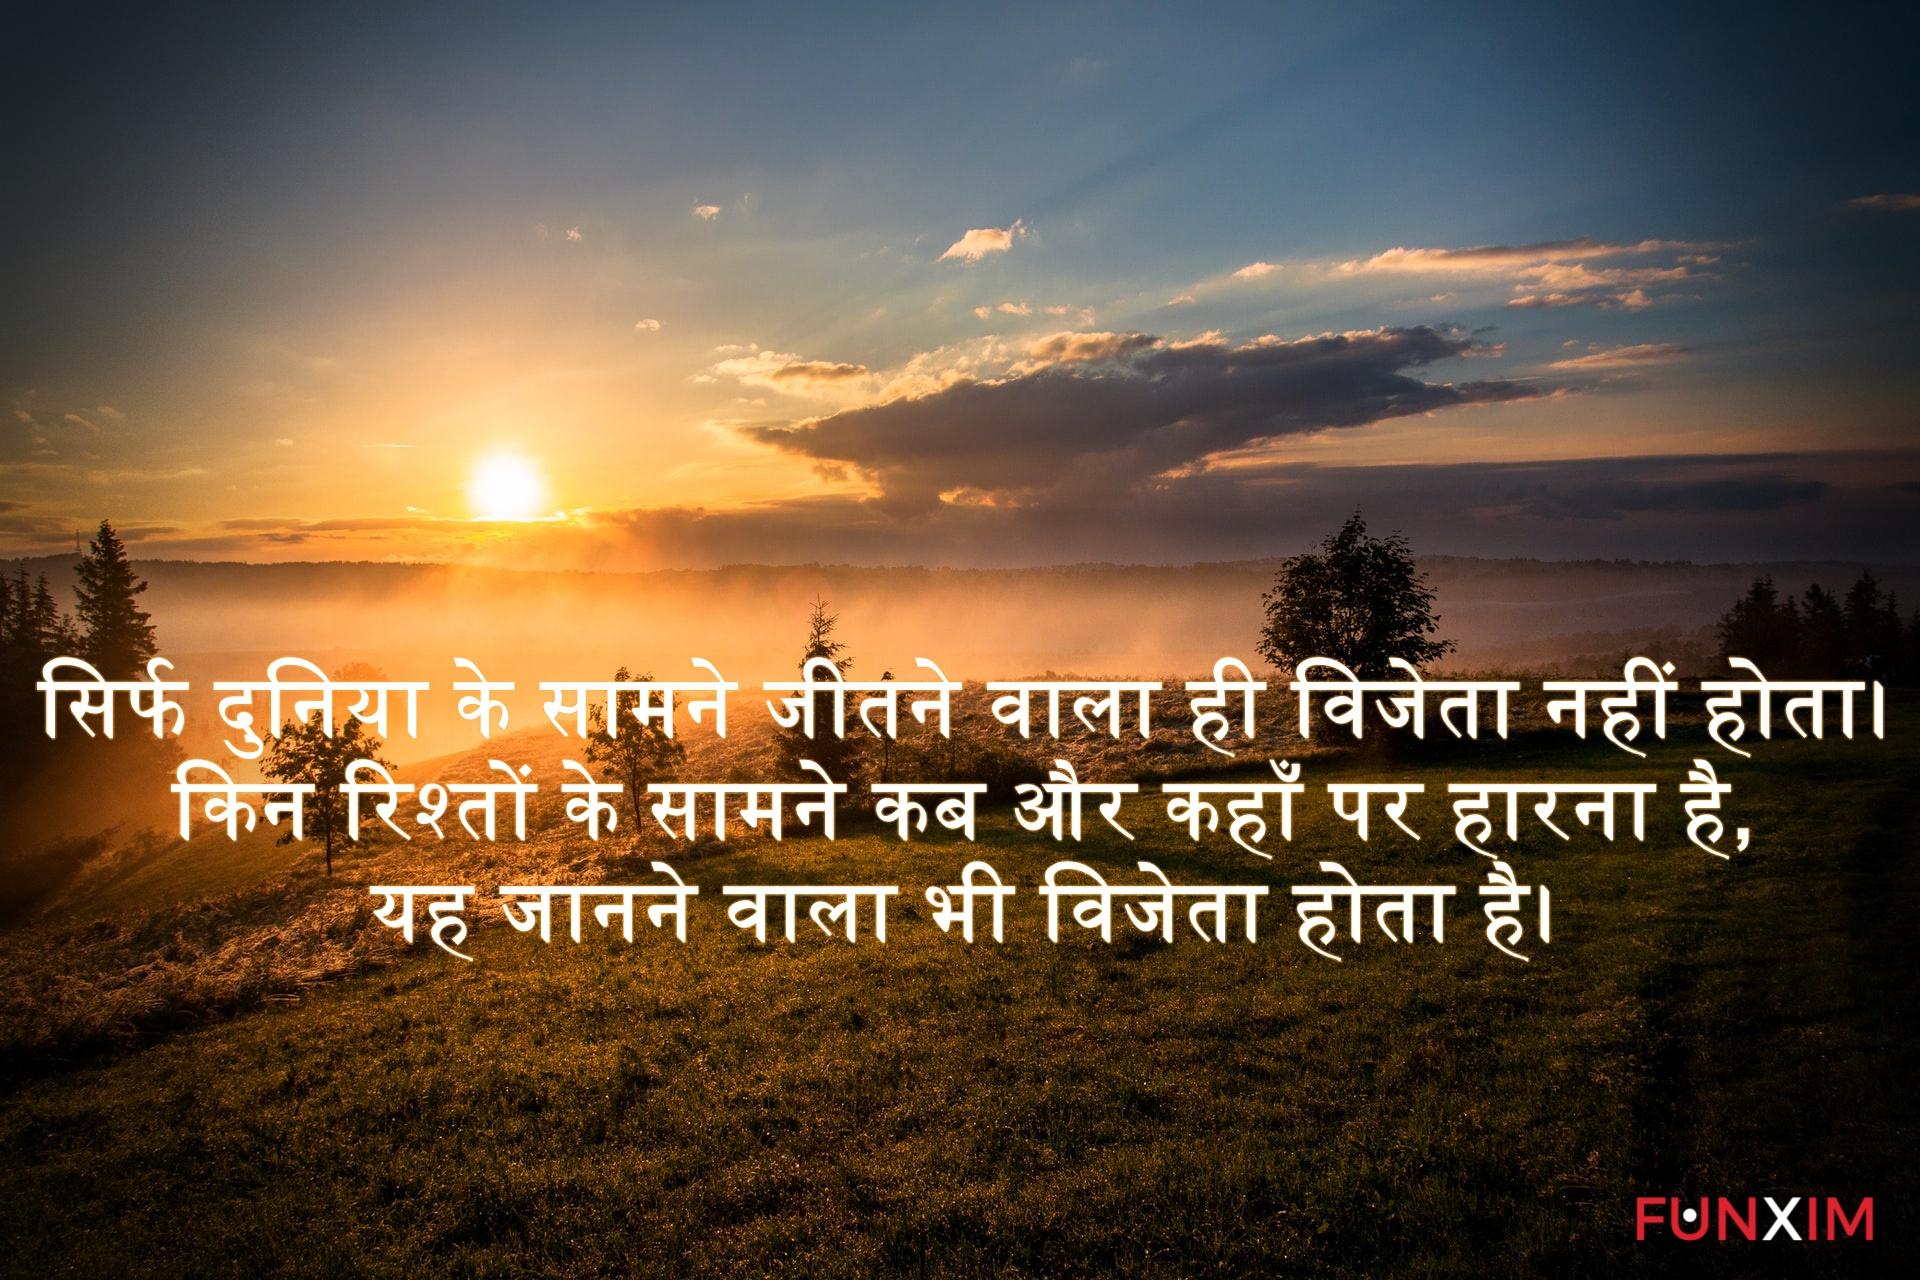 सिर्फ दुनिया के सामने जीतने वाला ही विजेता नहीं होता। किन रिश्तों के सामने कब और कहाँ पर हारना है, यह जानने वाला भी विजेता होता है। Good morning